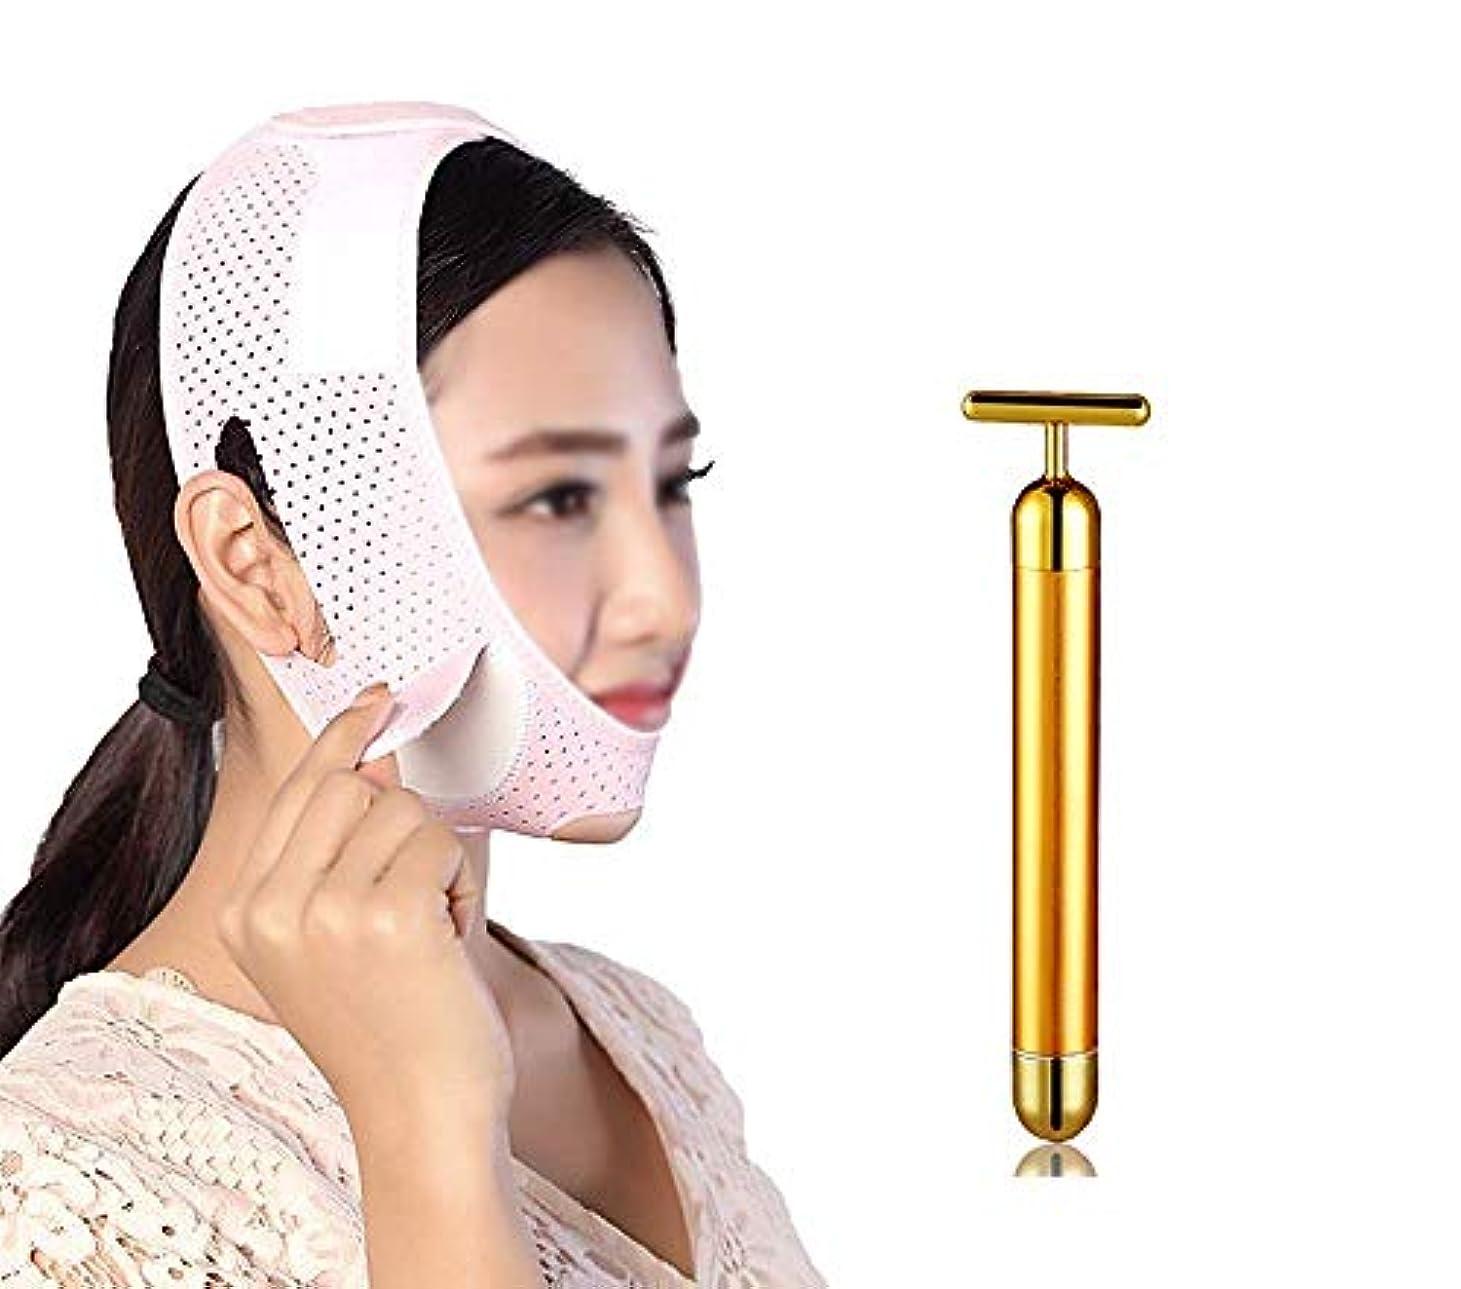 とんでもない暴君さらに顔と首を持ち上げる術後弾性セットVフェイスマスクは、チンV顔アーティファクト回復サポートベルトの収縮の調整を強化します。